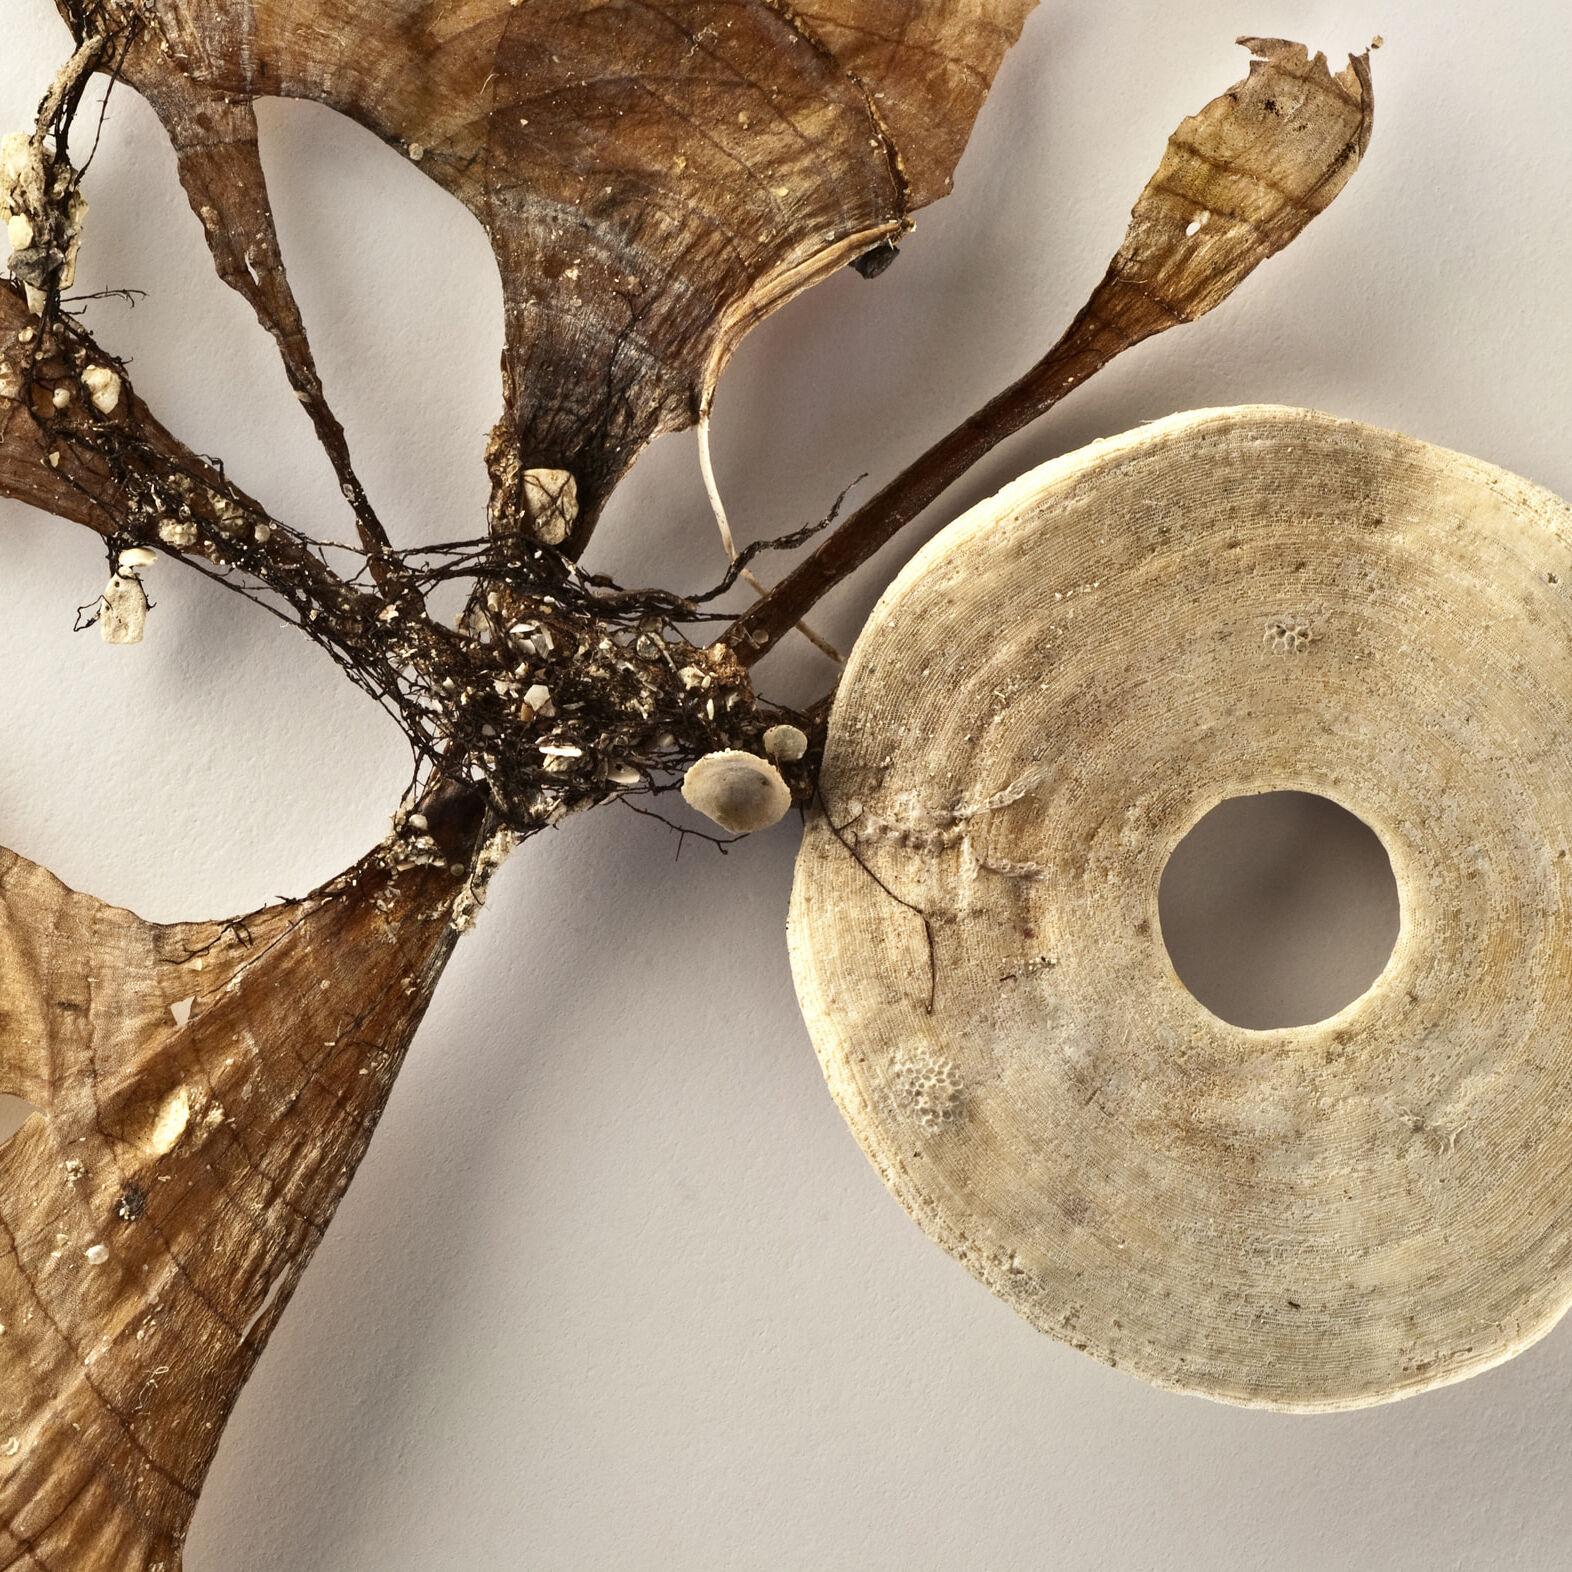 Tethered III (foraminifera) by Catherine Hewitt